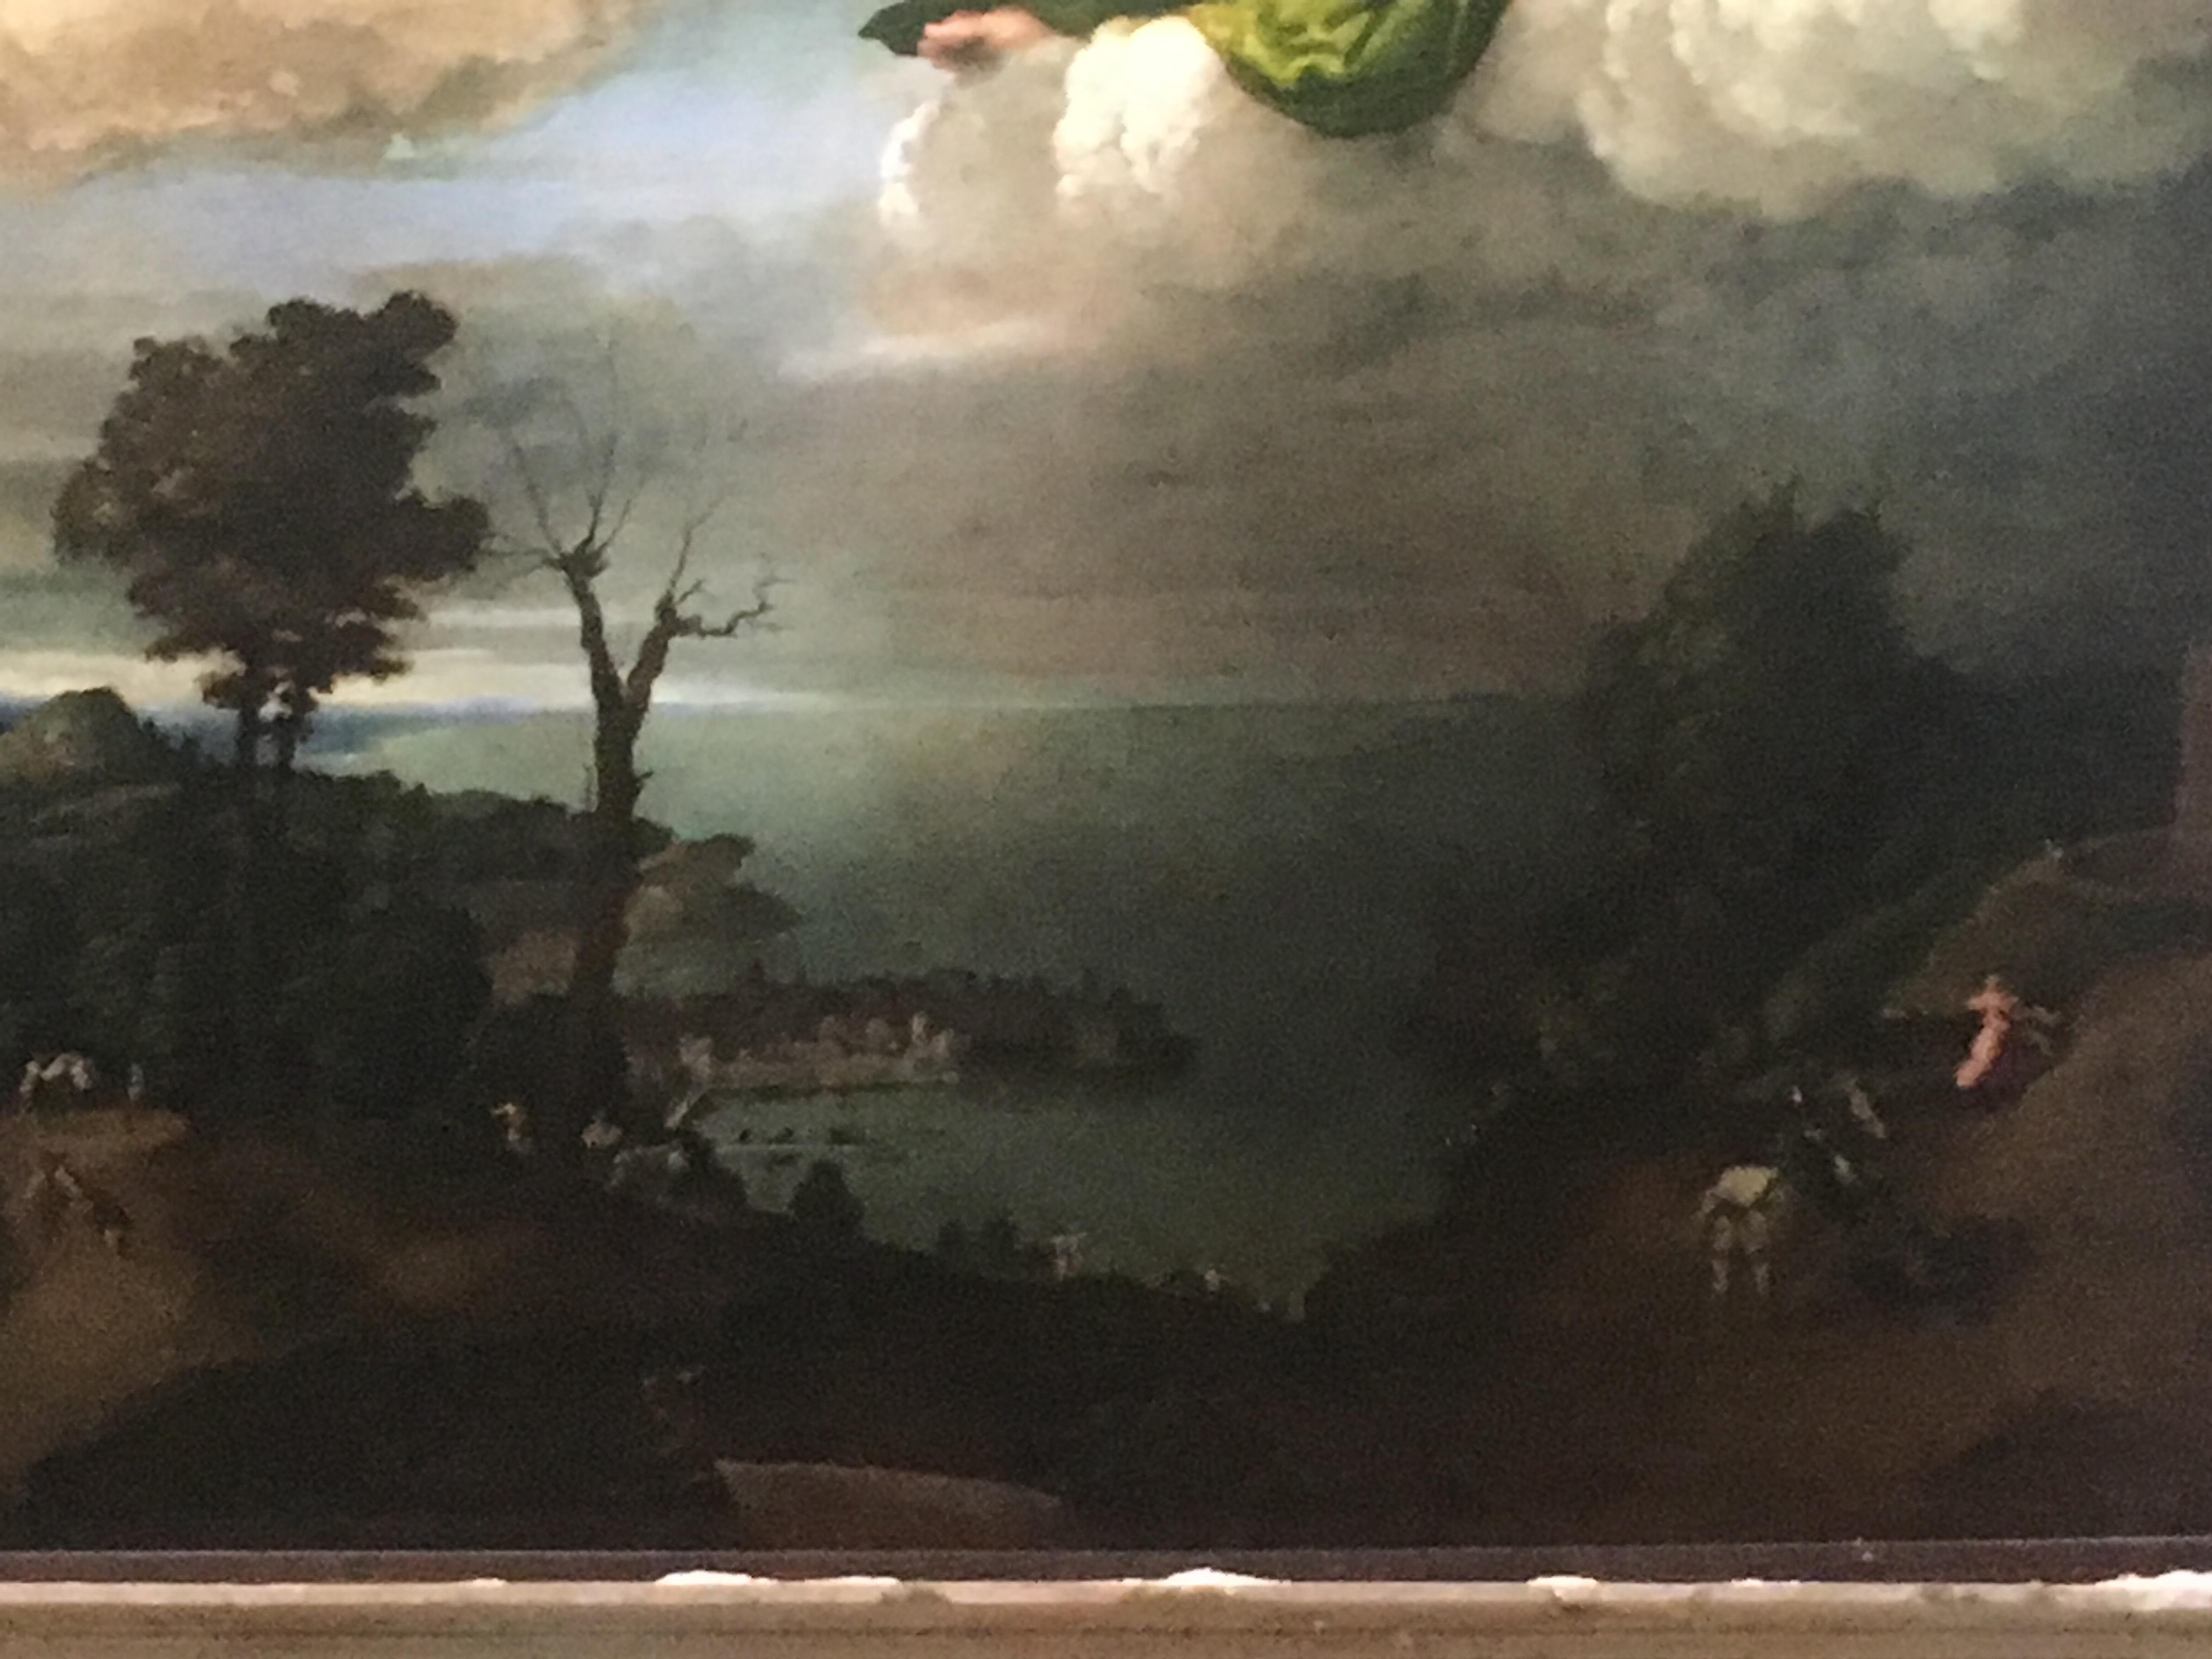 Деталь с изображением святого Георгия Победоносца из картины Лотто.